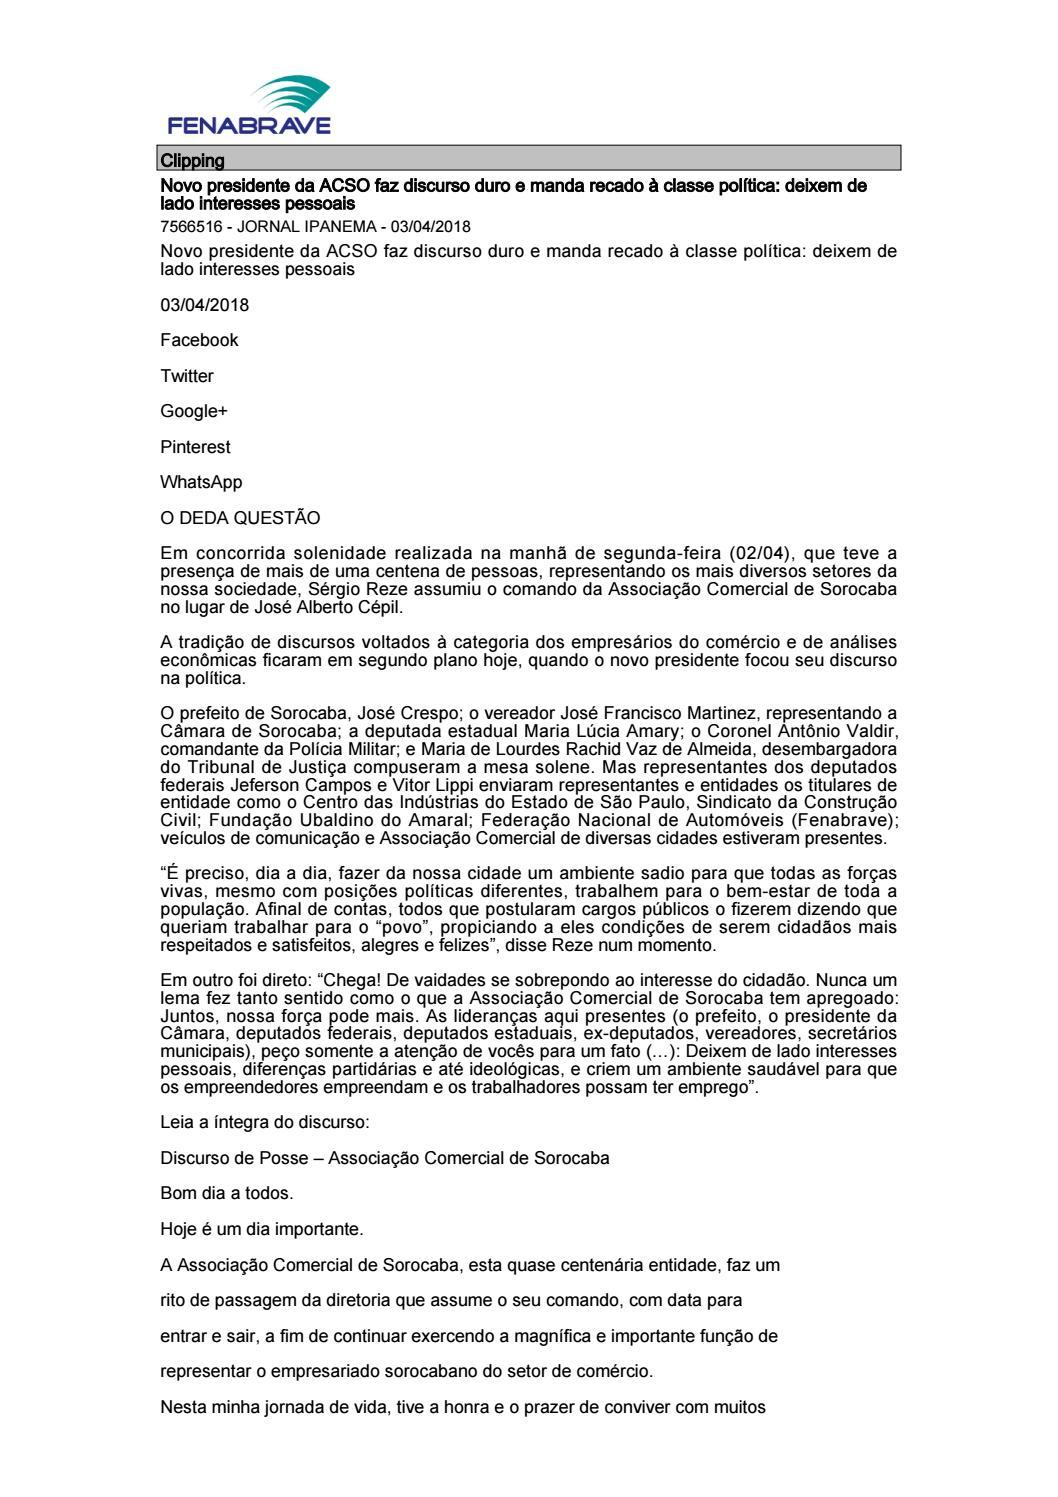 ecb7b80ed35 Clipping Fenabrave 03.04.2018 by MCE Comunicação - issuu